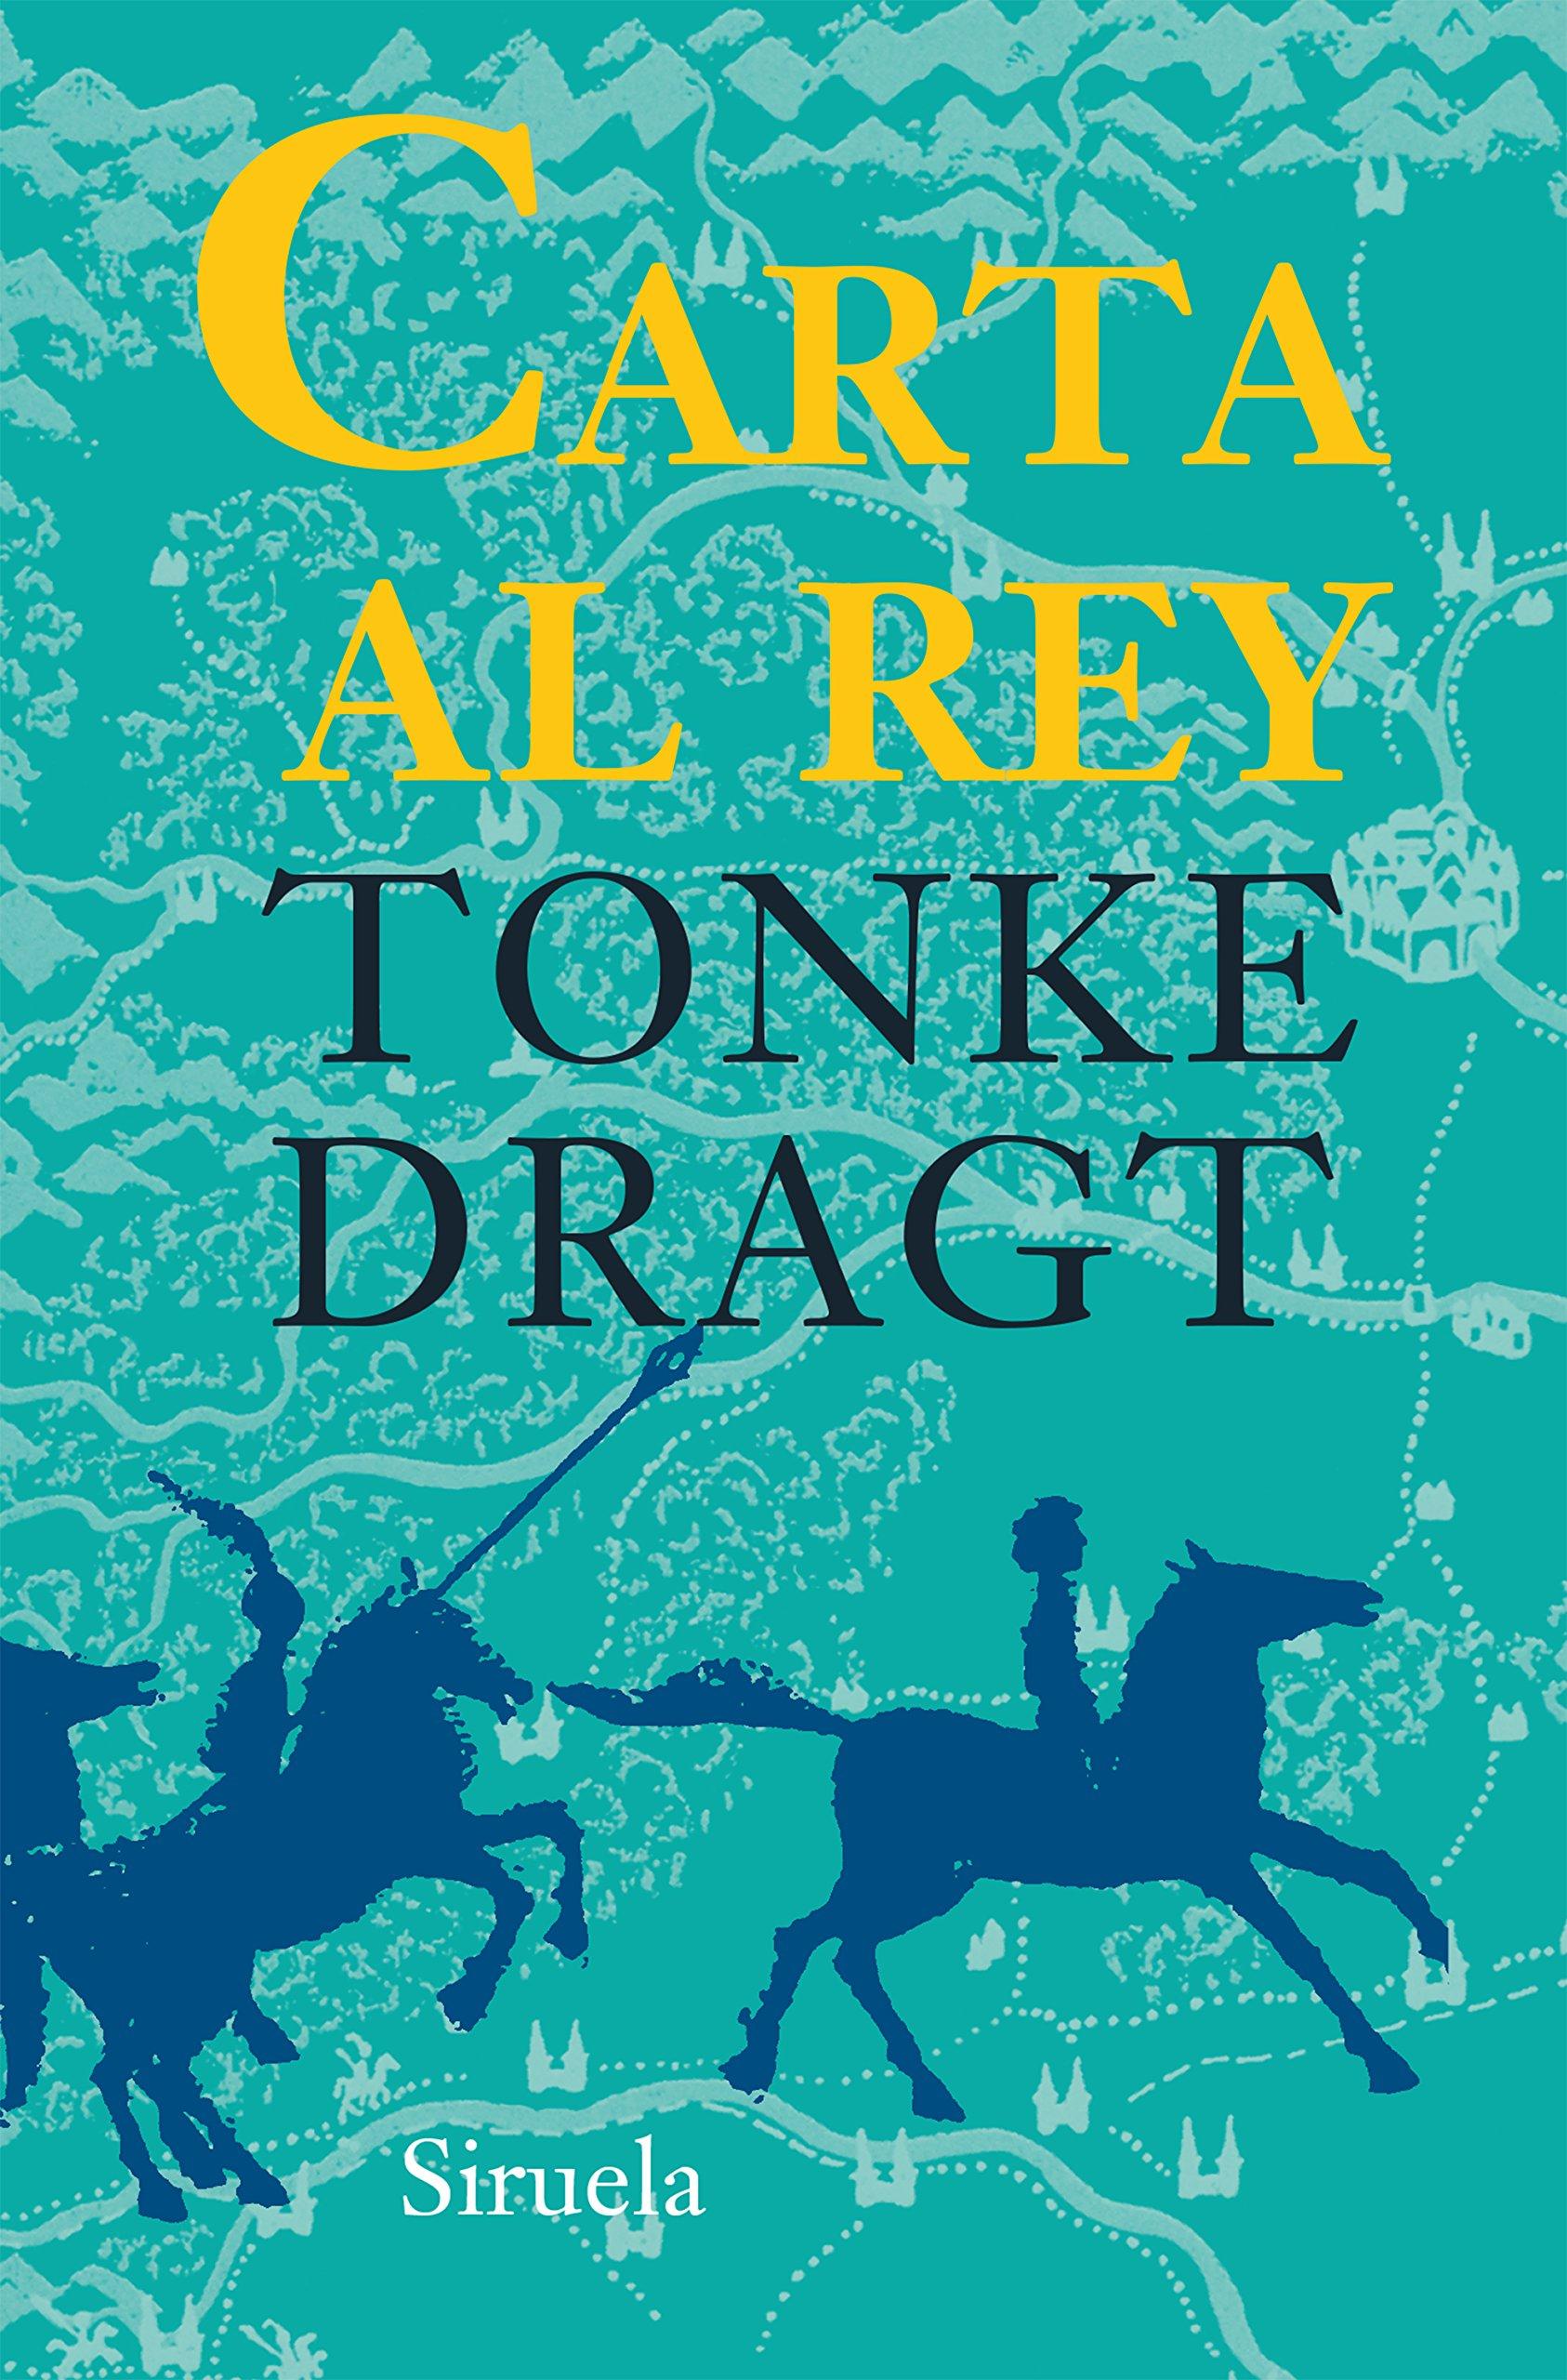 Carta Al Rey (Las Tres Edades): Amazon.es: Tonke Dragt, María Lerma: Libros